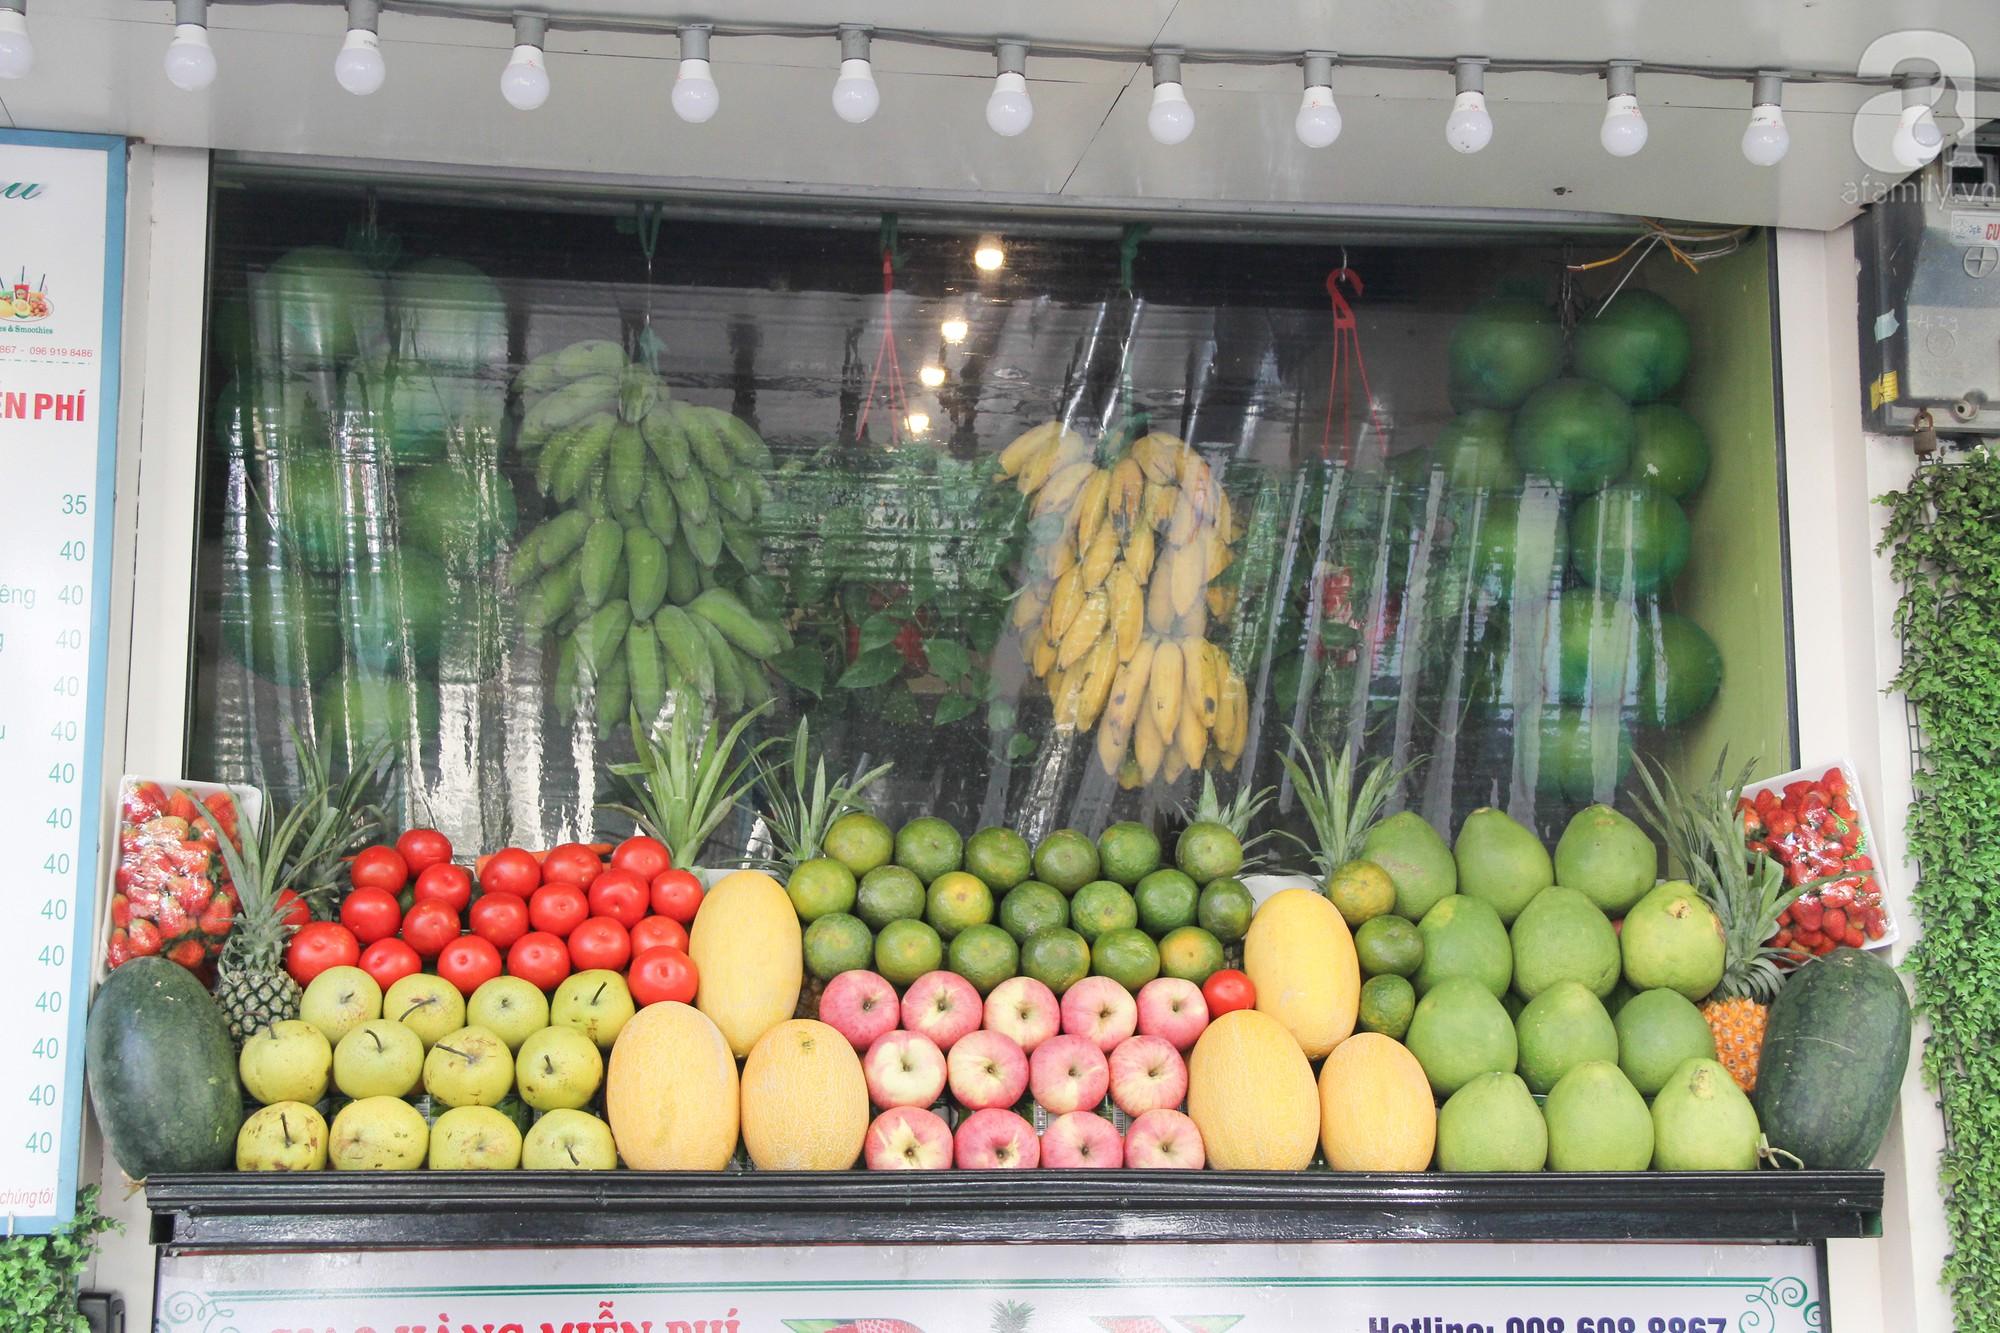 5 quán nước ép trái cây nguyên chất ngon, có dịch vụ giao hàng tận nơi cho những ngày Hà Nội nóng như đổ lửa  - Ảnh 17.